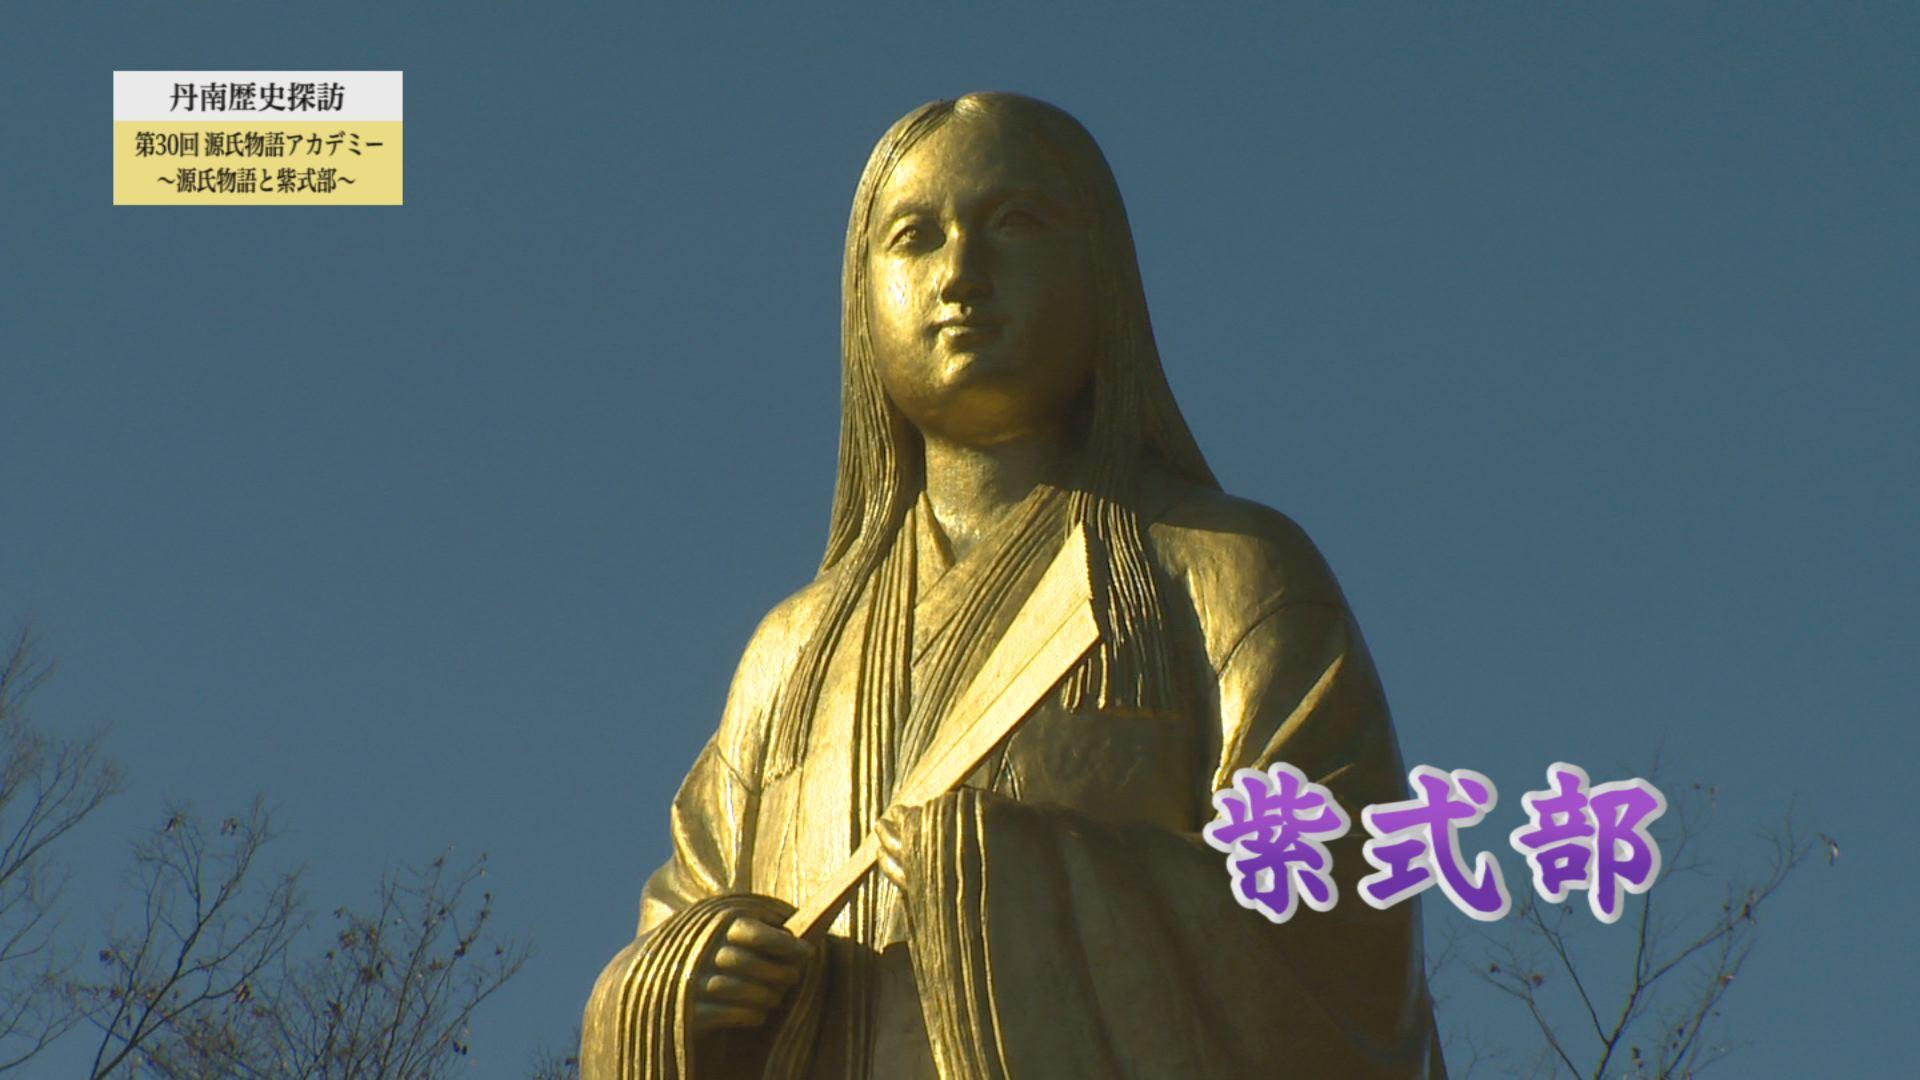 【丹南歴史探訪】第30回源氏物語アカデミー ~源氏物語と紫式部~